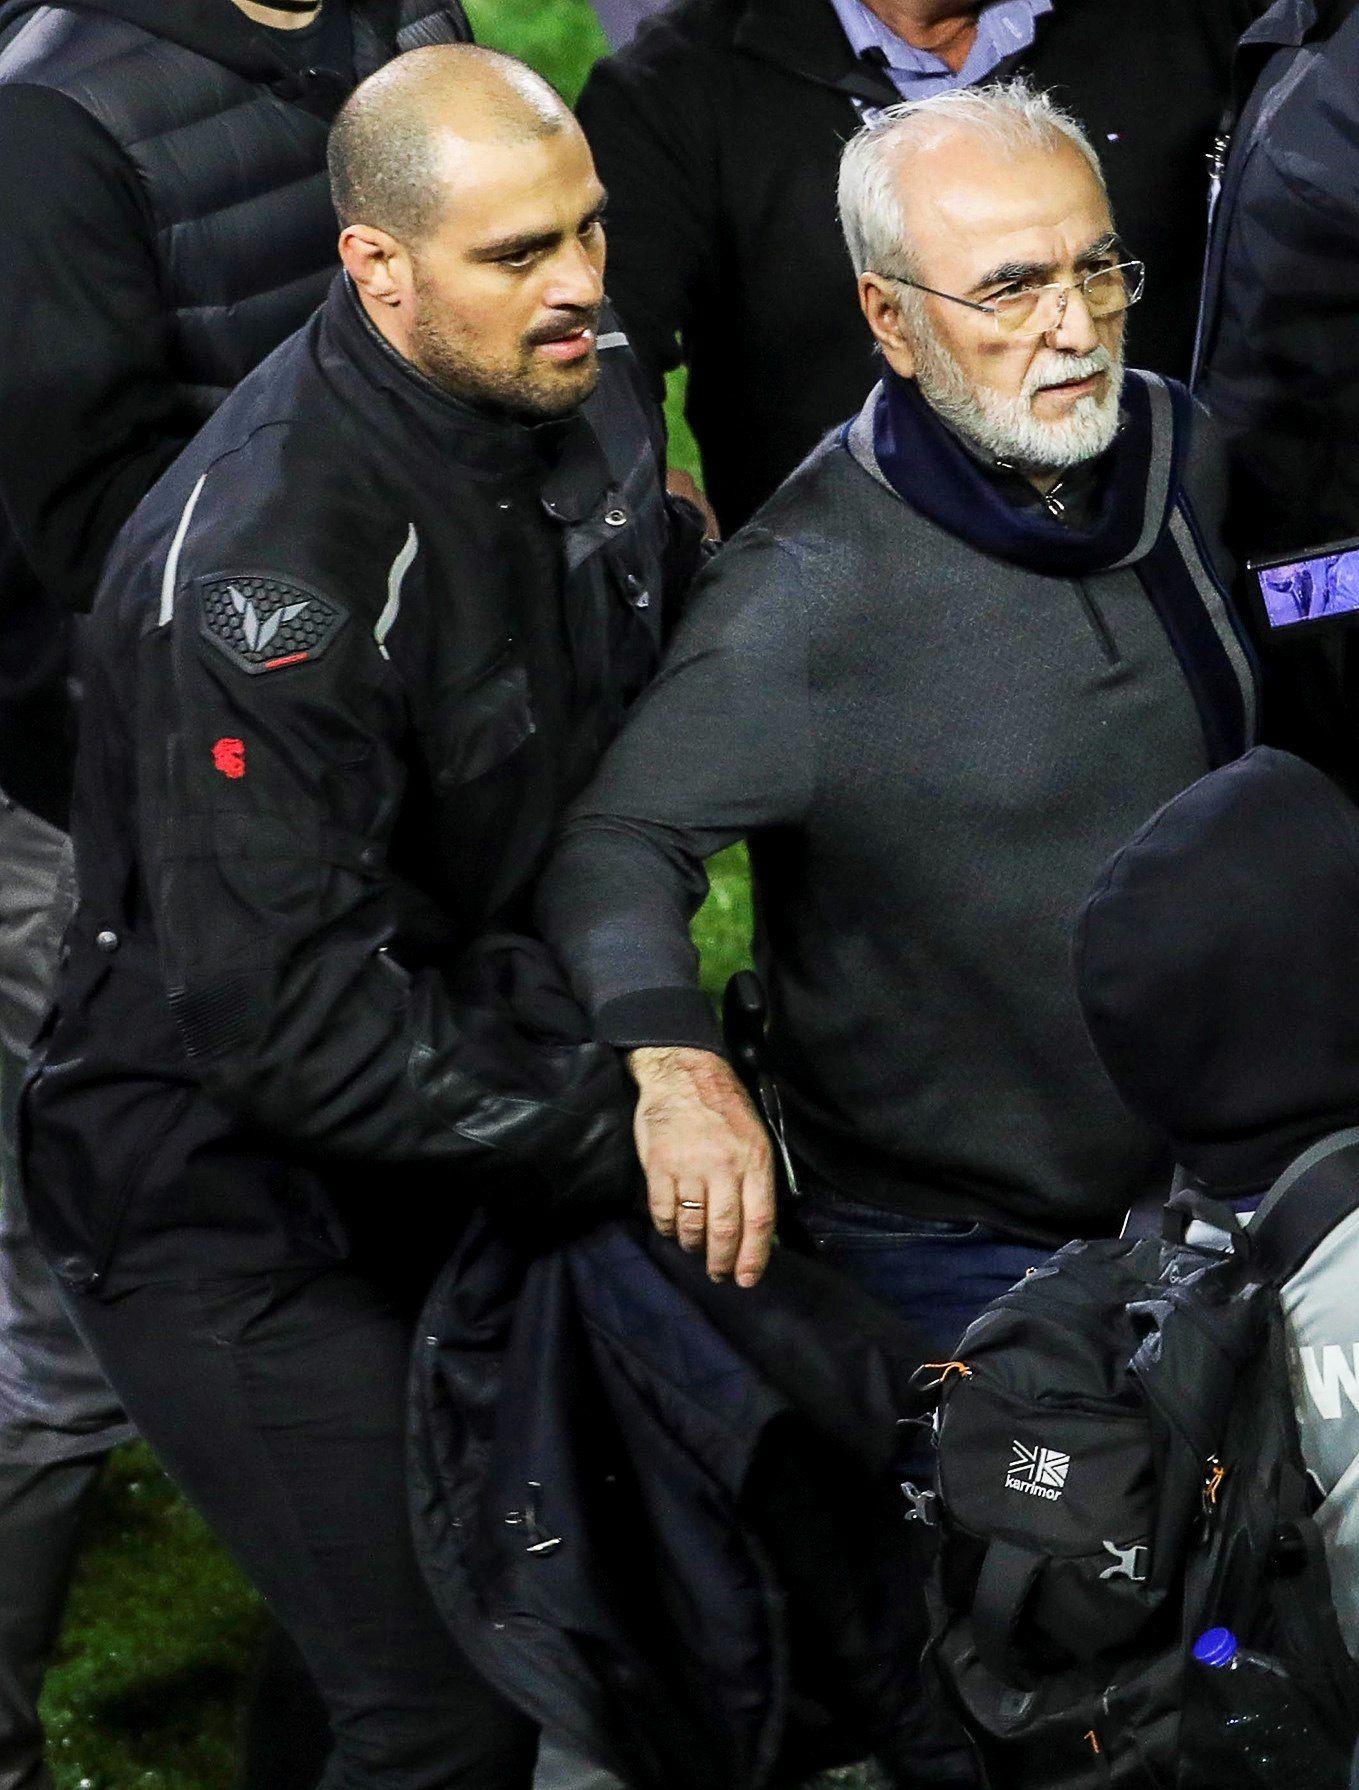 El dirigente fue sacado por las fuerzas de seguridad